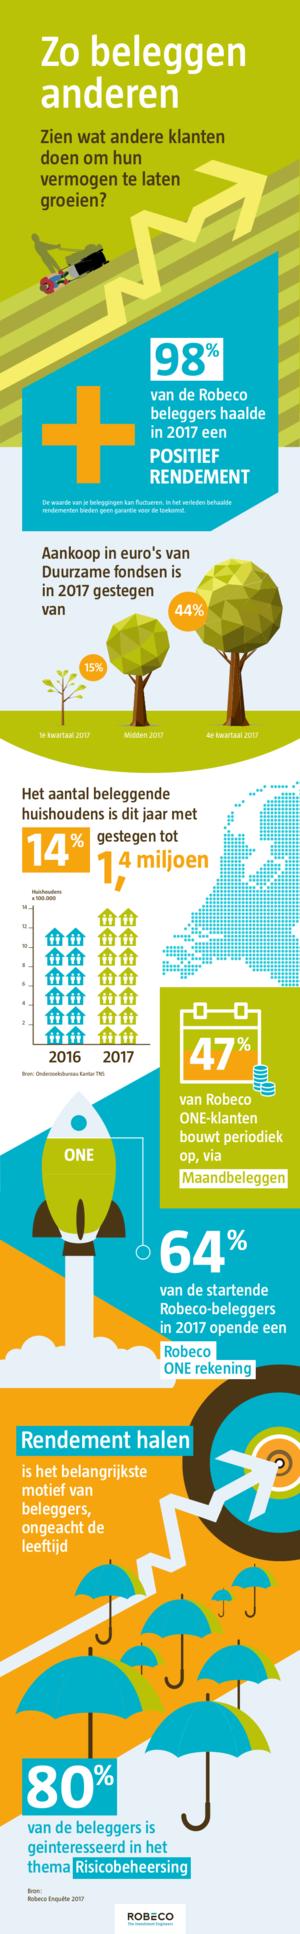 Infographic variant ONE 'Zo beleggen anderen'